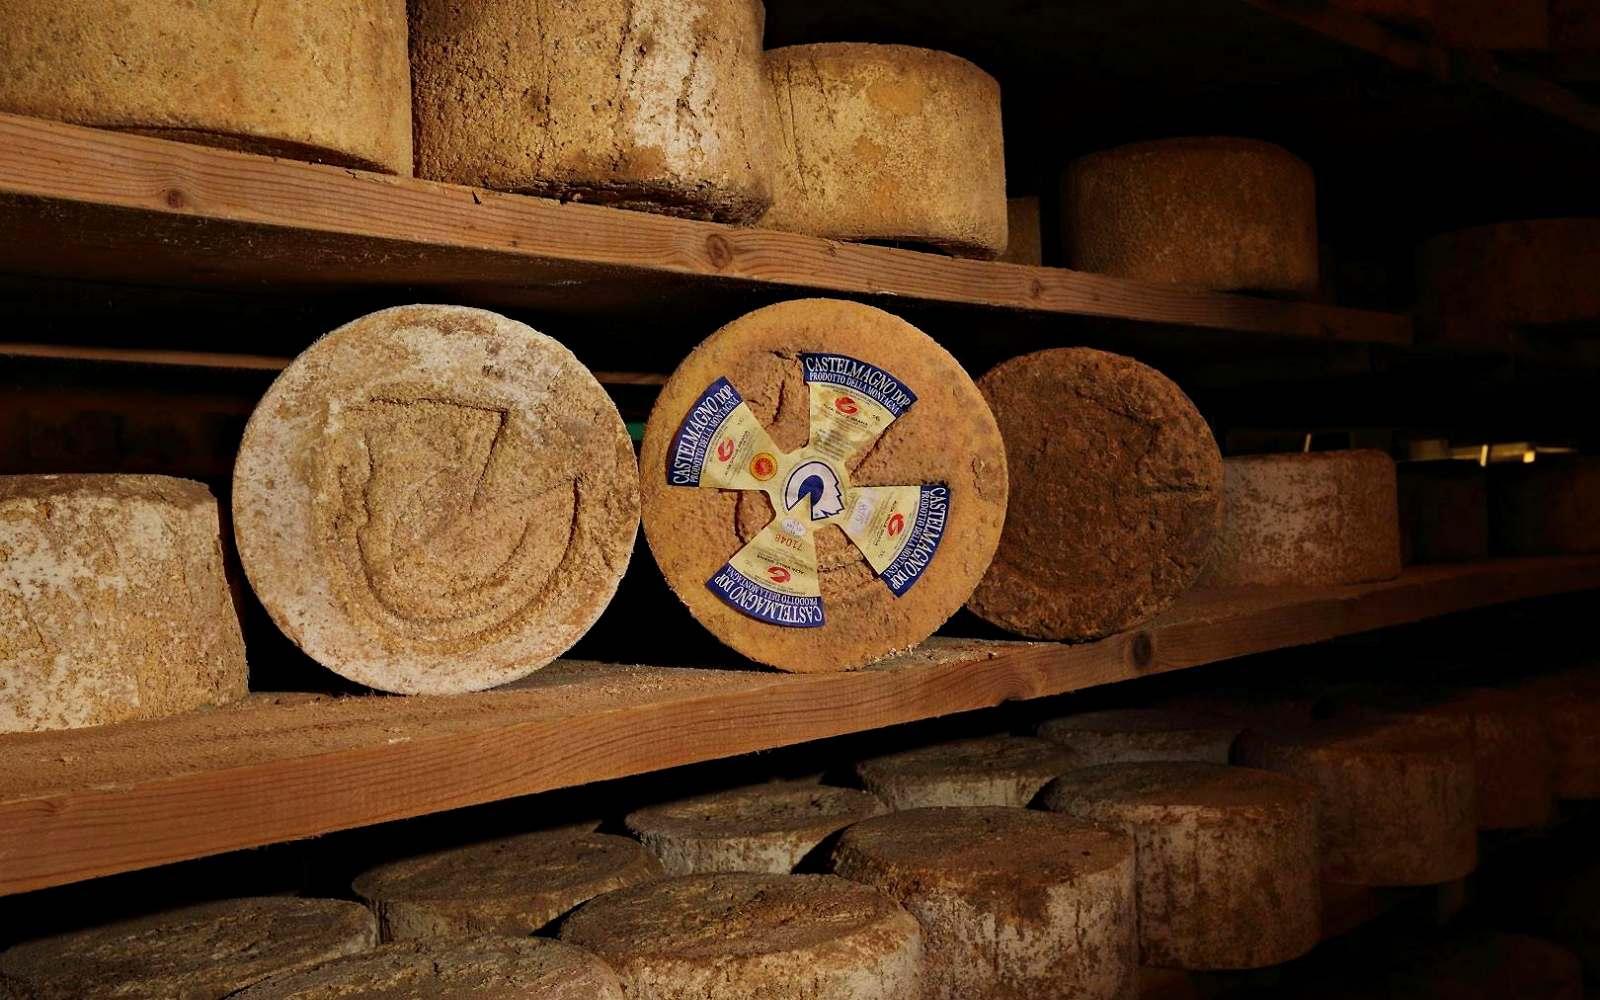 stanza con forme di formaggio delle malghe castelmagno